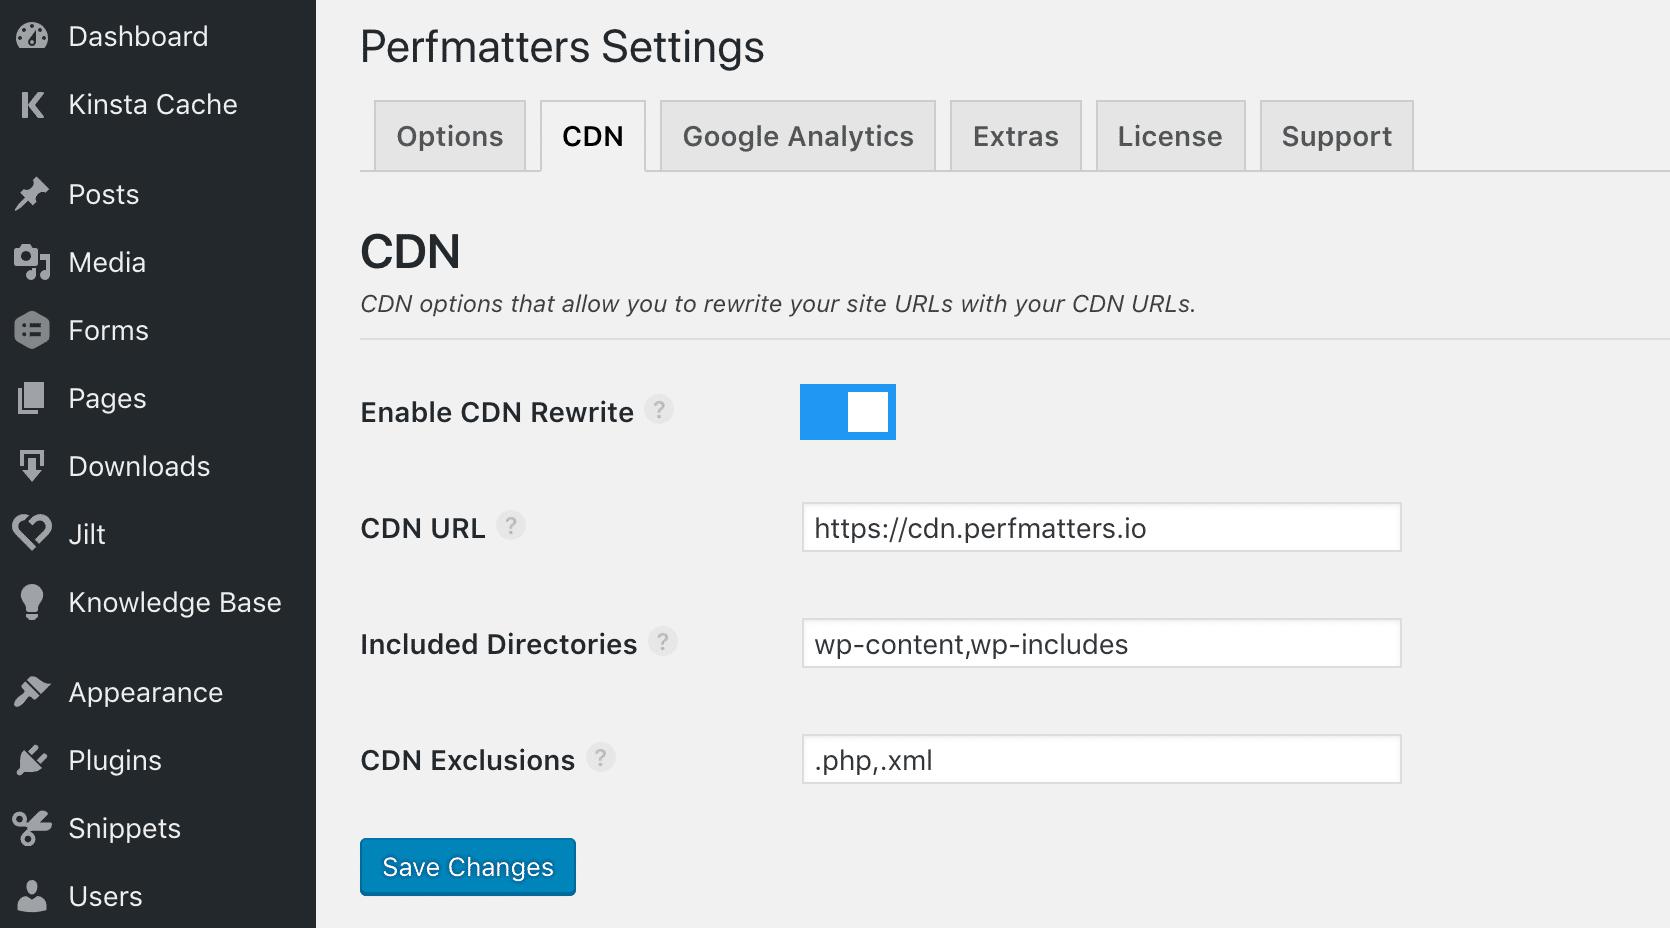 Aktivierung von CDN in WordPress mit Perfmatters